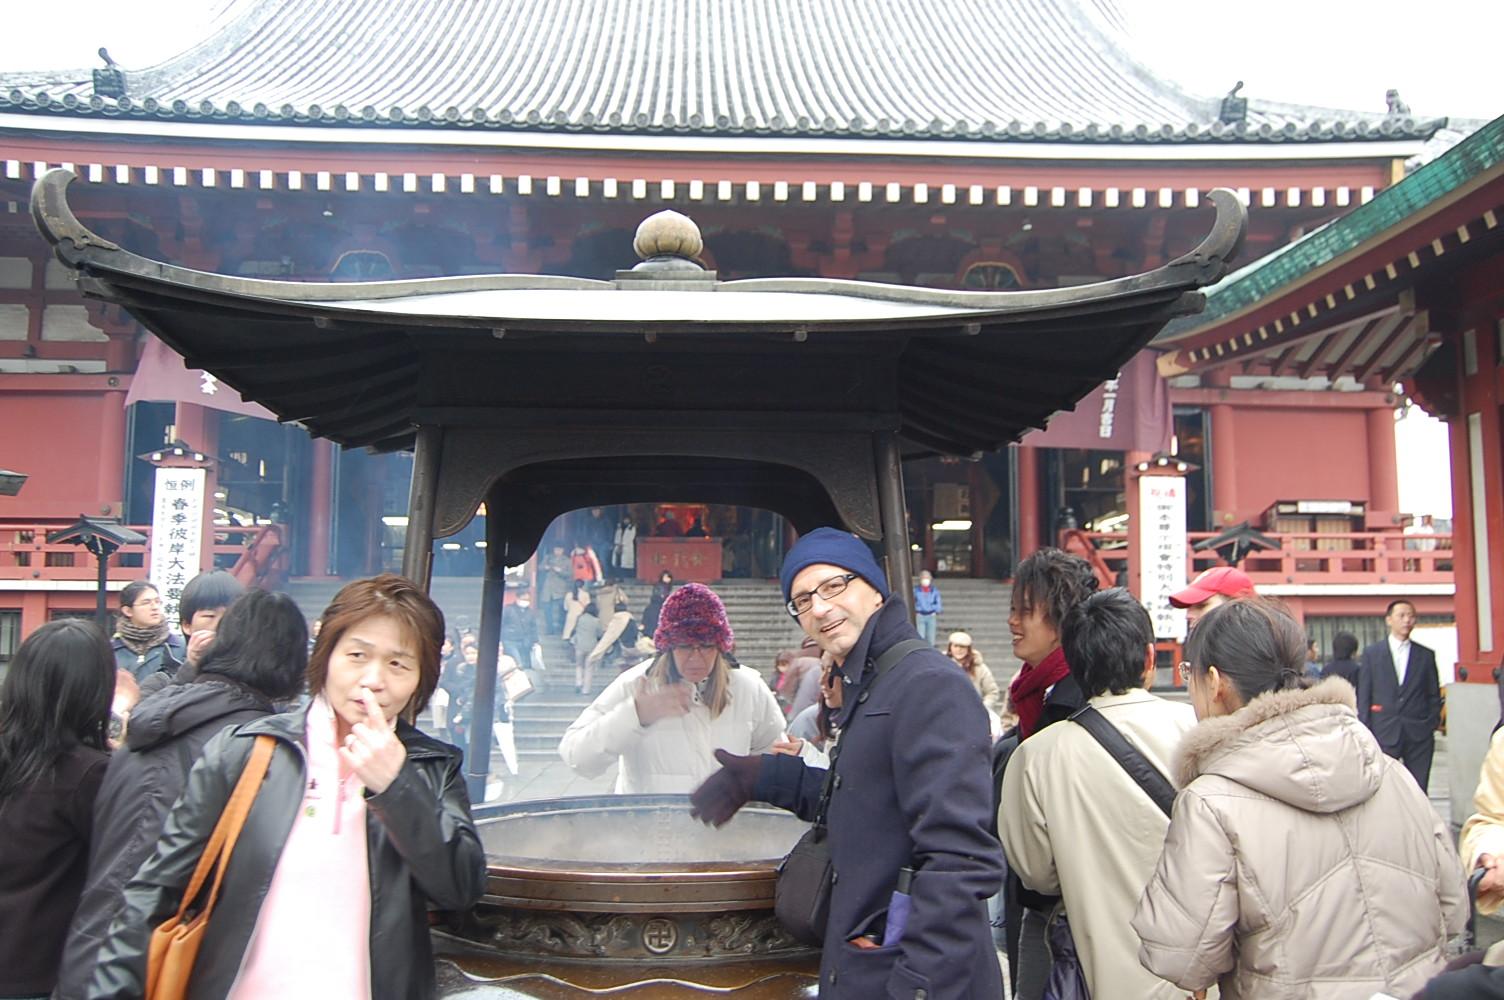 シチリア人日本滞在記 東京 その壱 バゥ_d0084229_2185996.jpg